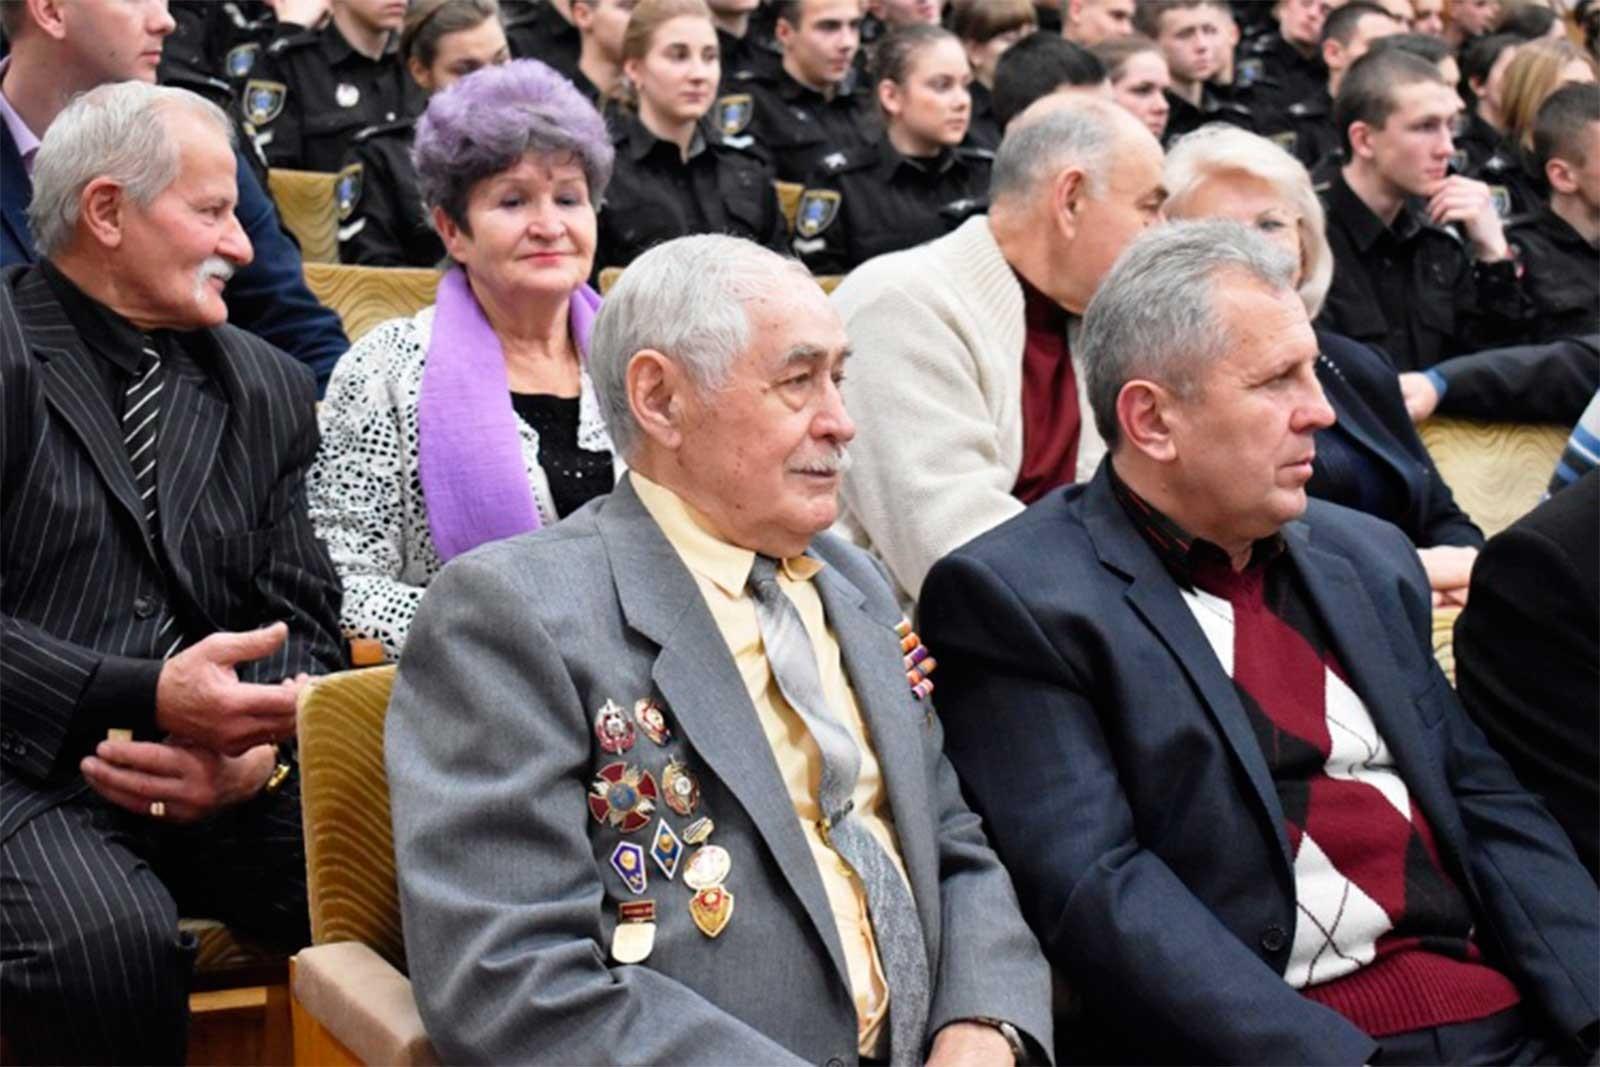 В університеті привітали ветеранів і пенсіонерів із Днем вшанування пенсіонерів та ветеранів системи МВС України